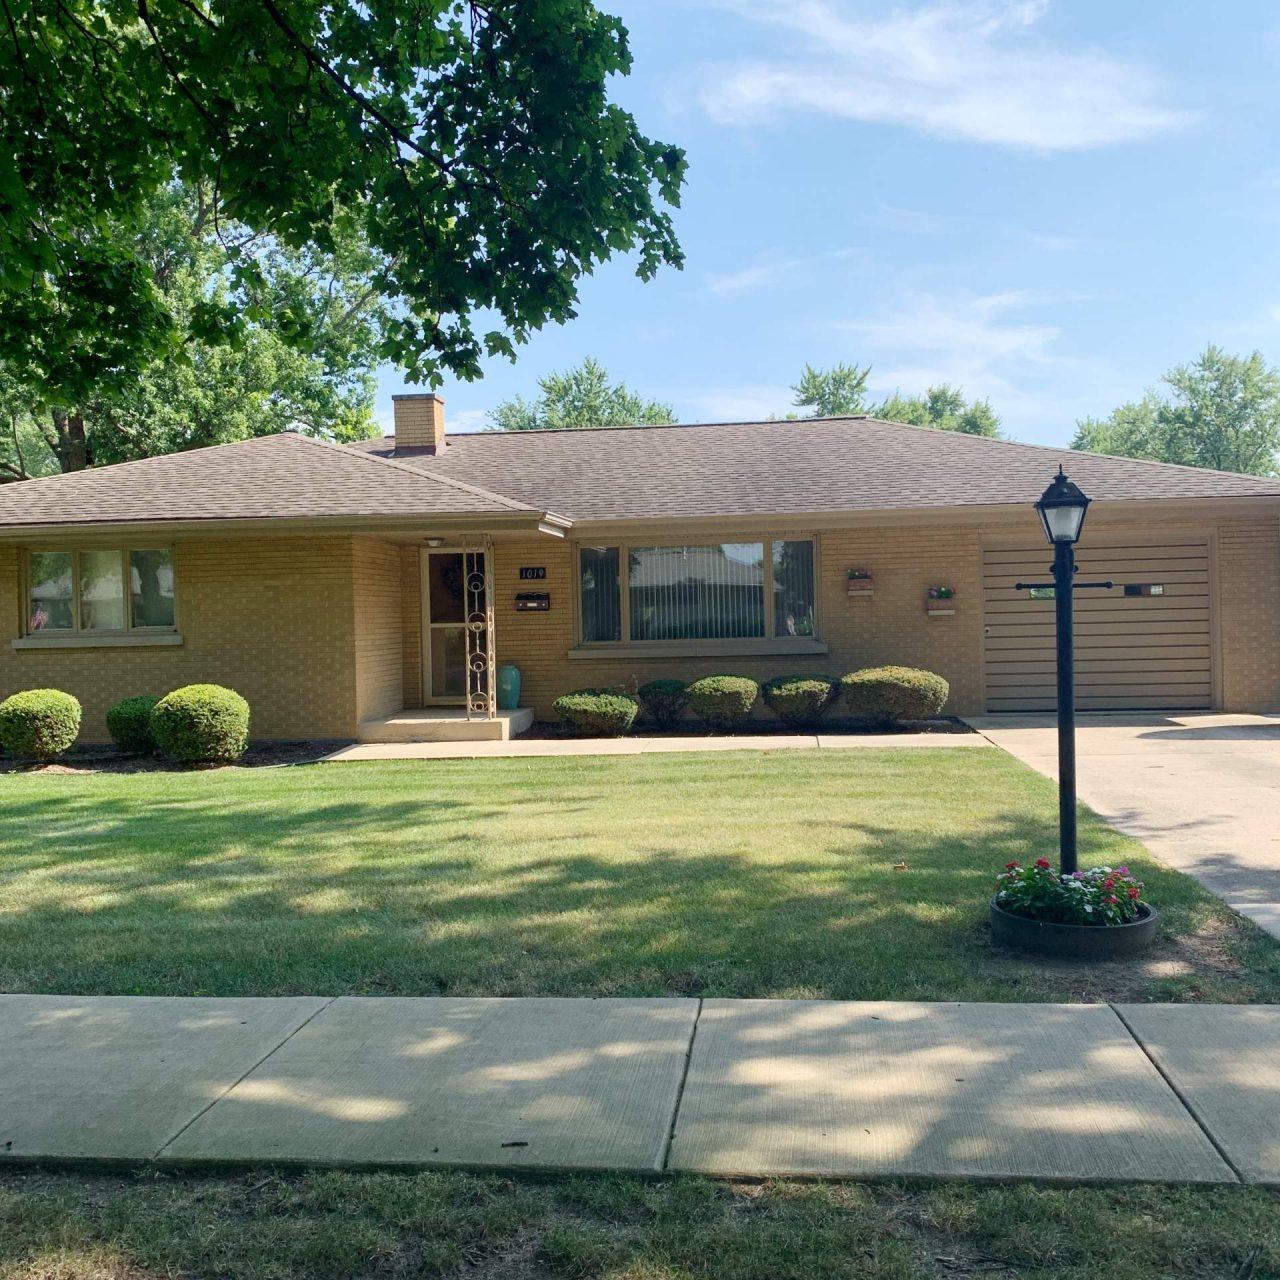 Lockport Illinois 8th Street Home